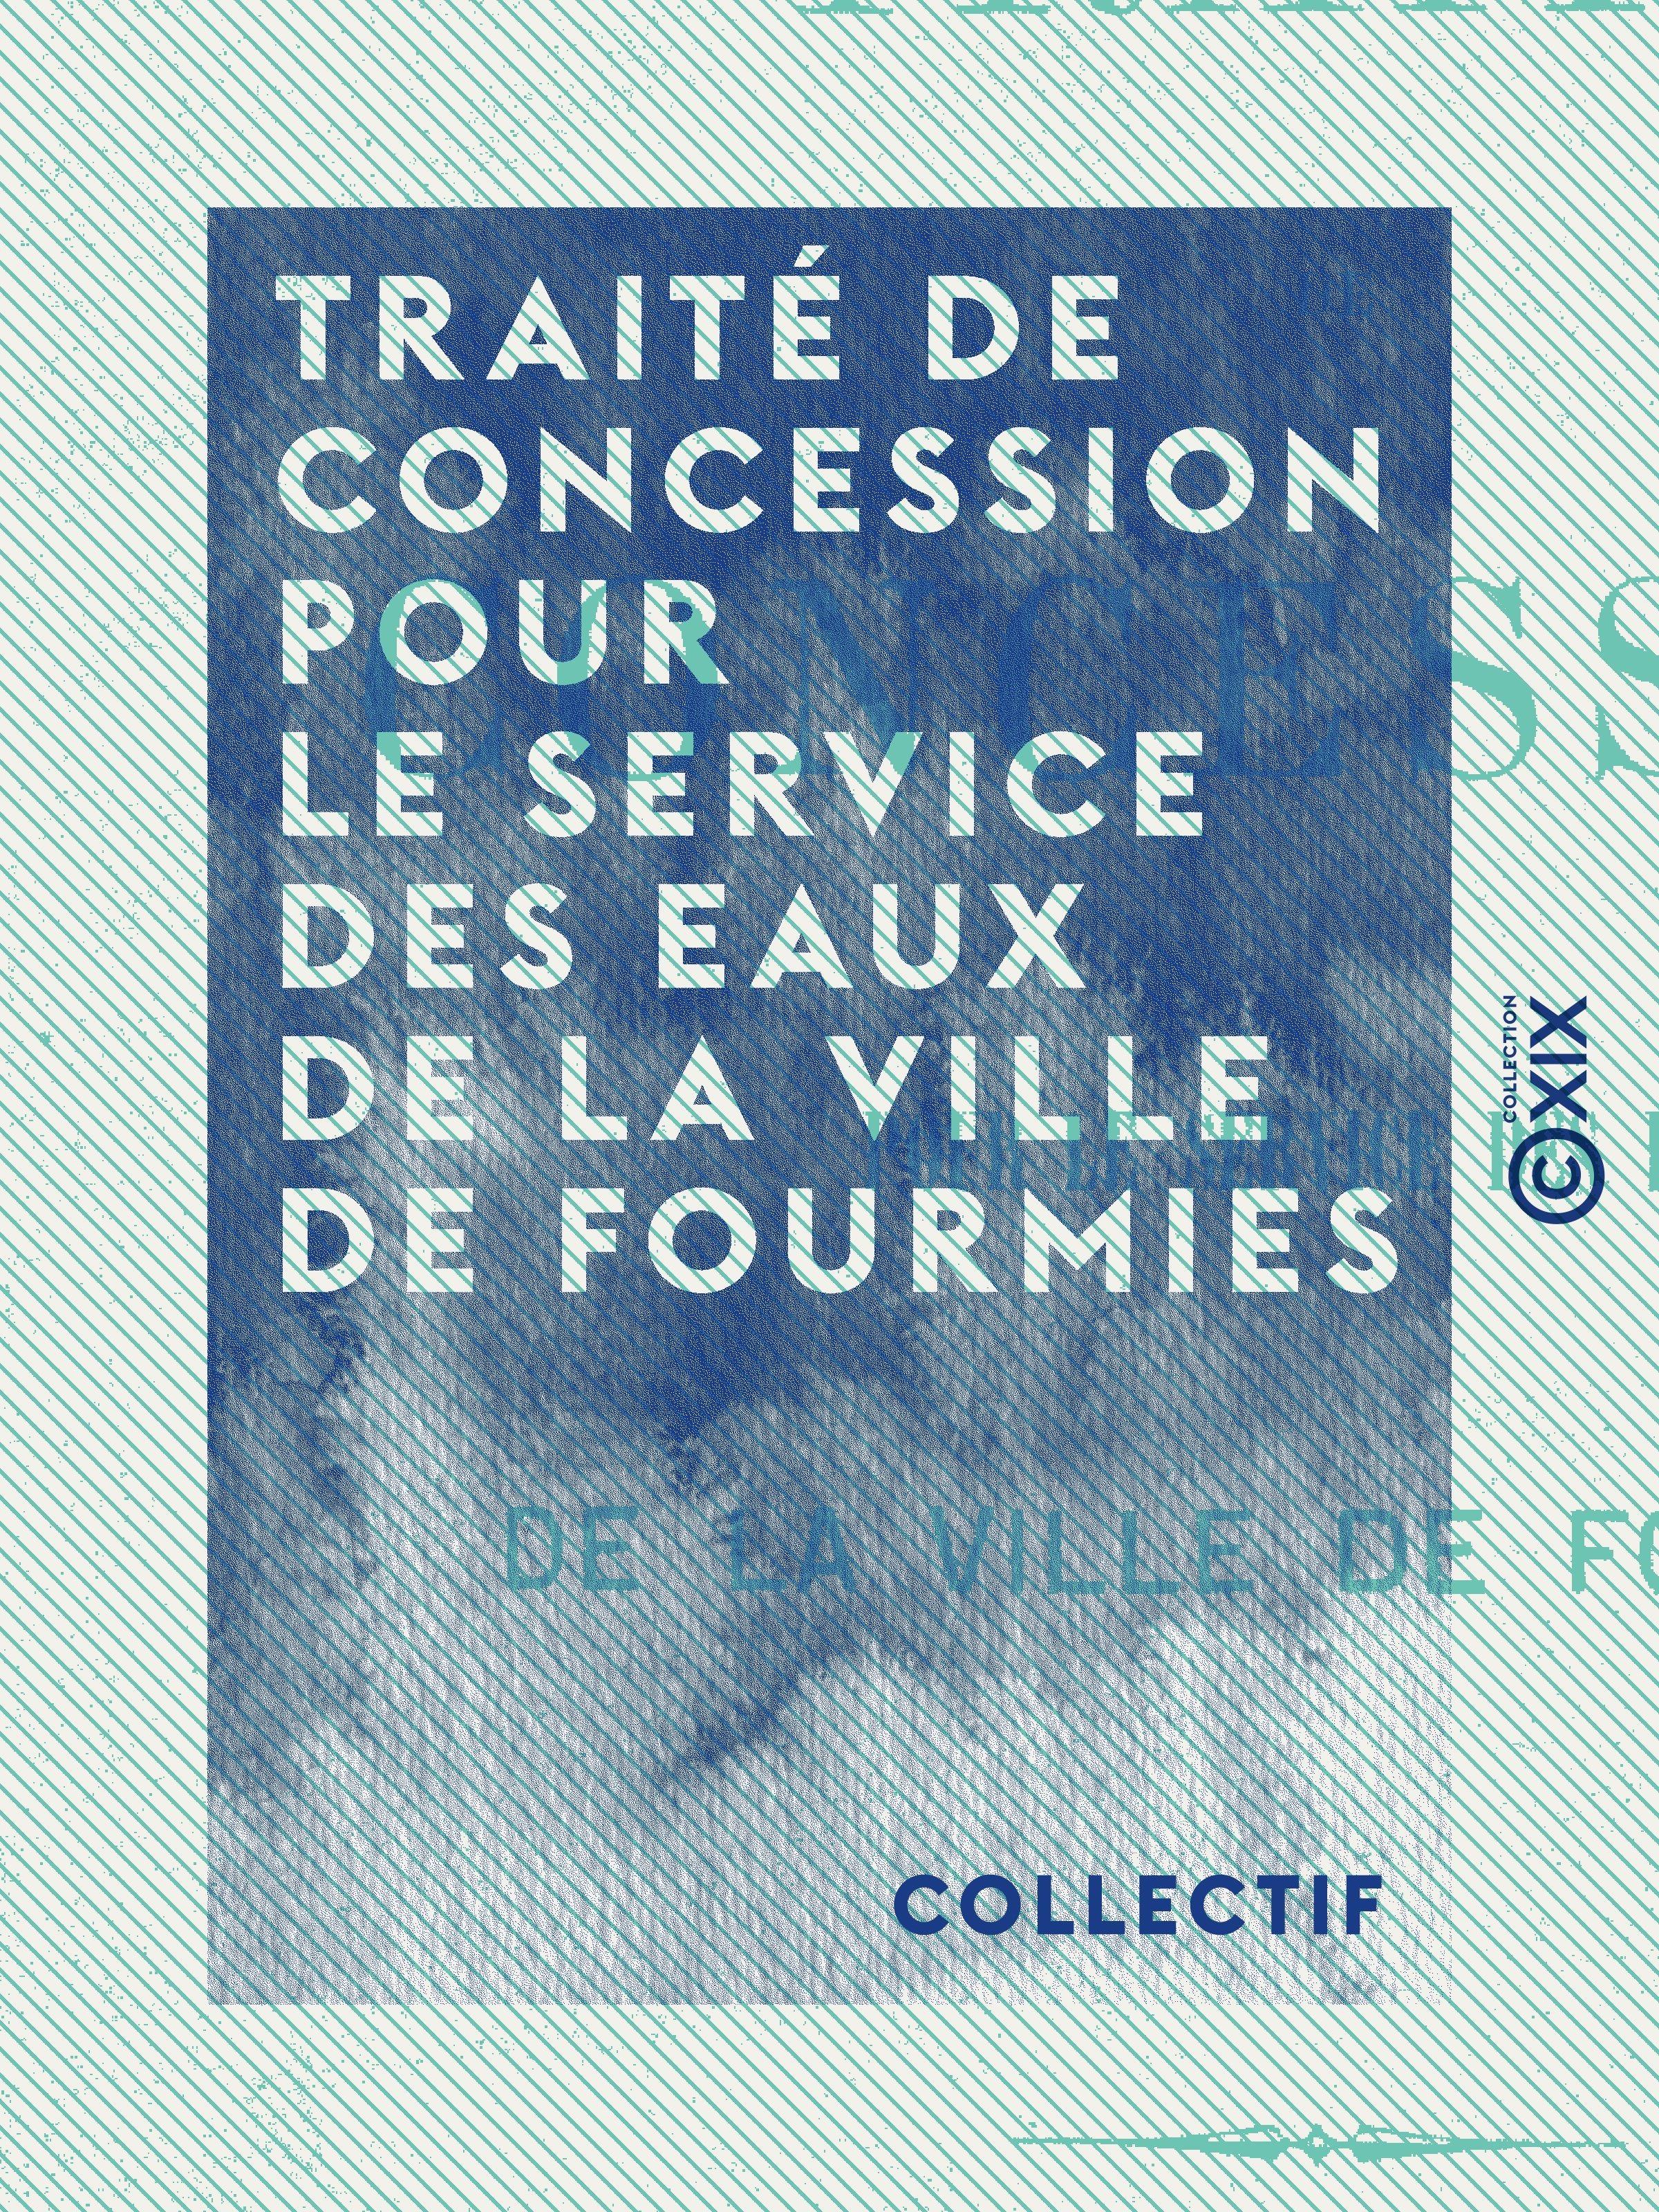 Traité de concession pour le service des eaux de la ville de Fourmies